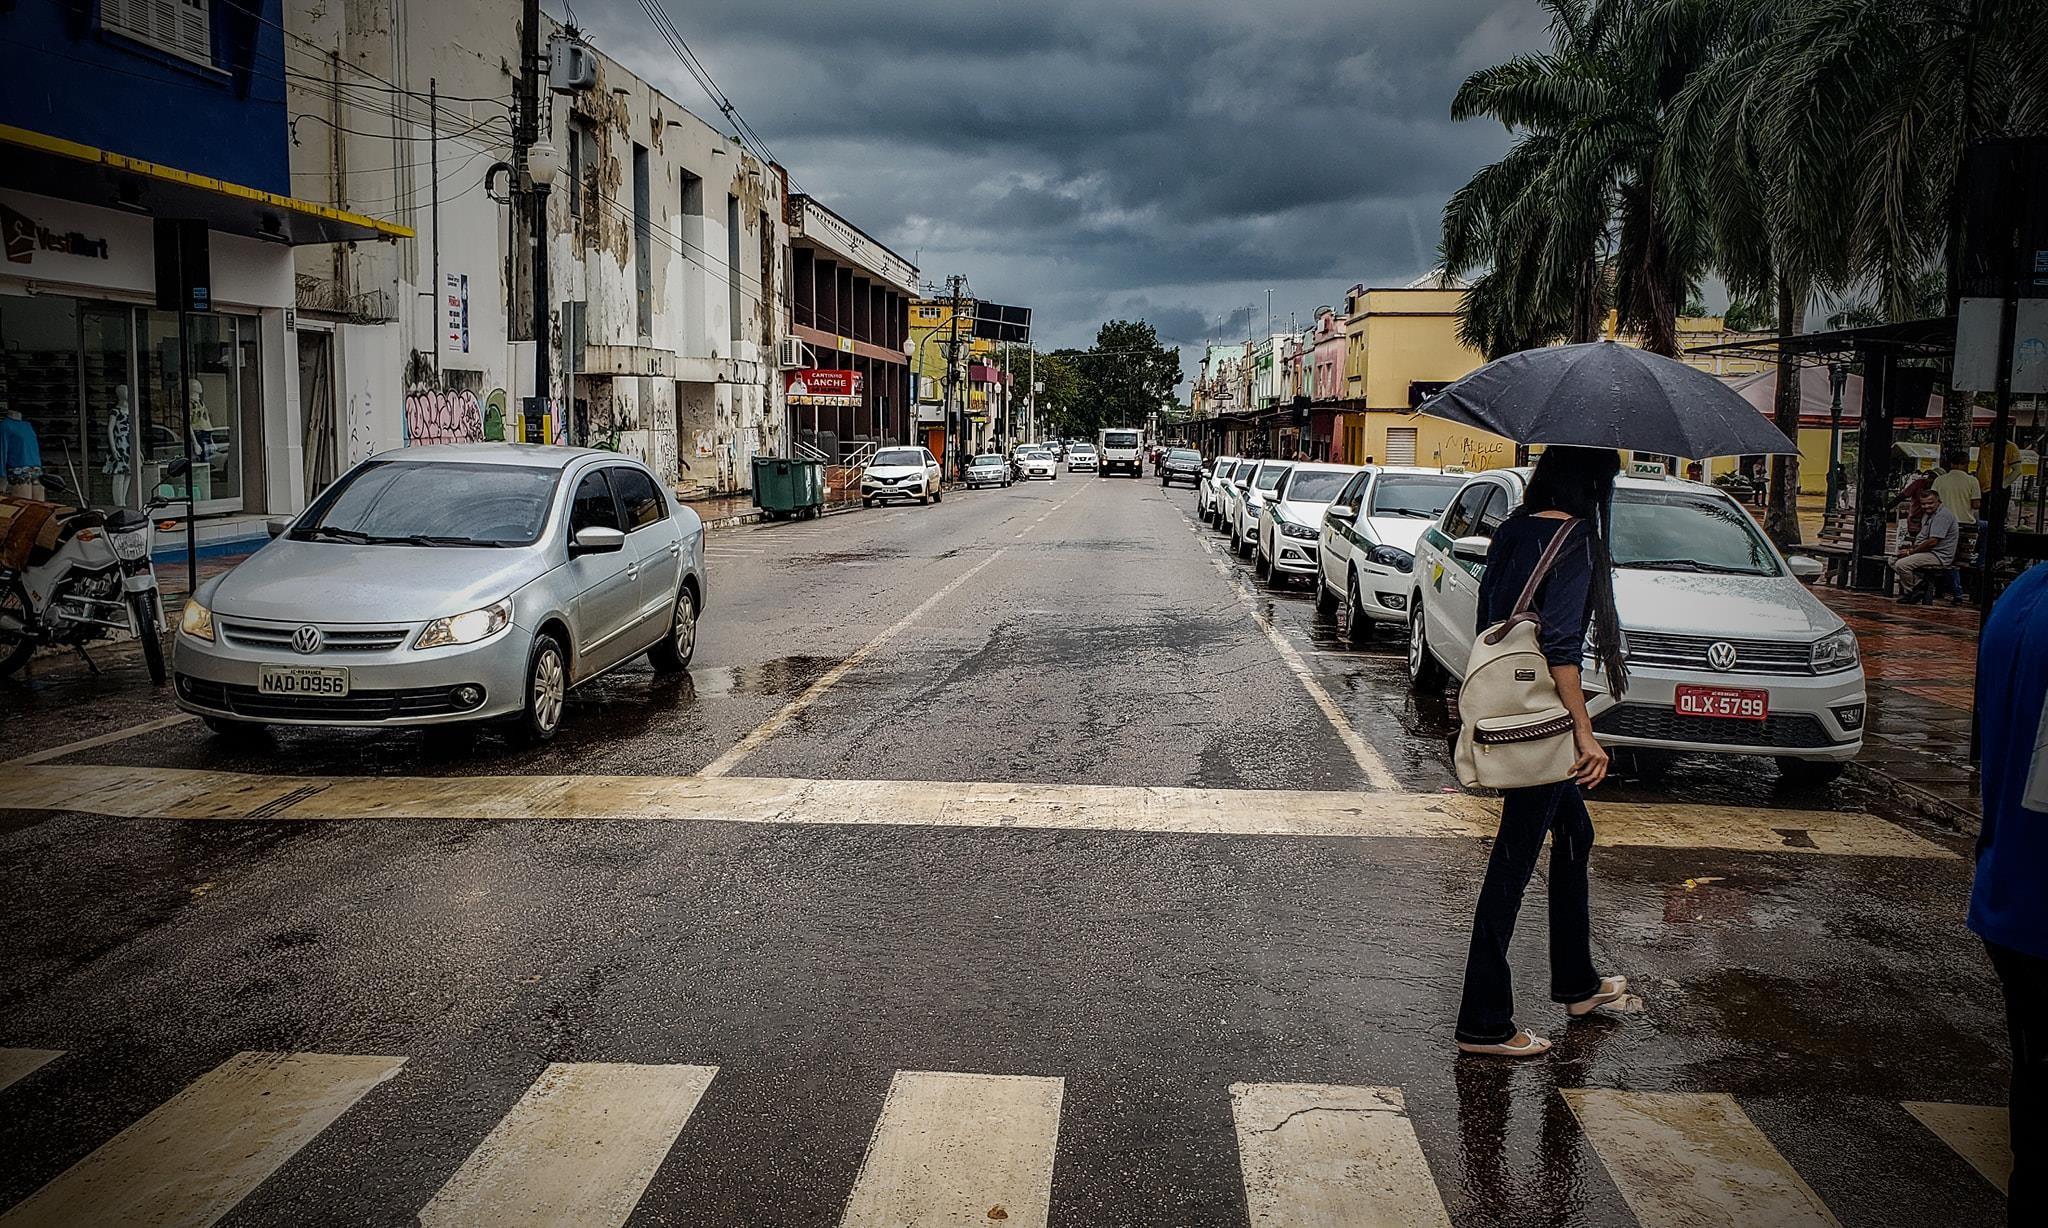 Frente fria permanece nesta quarta-feira (8) e há previsão de chuvas a qualquer hora do dia no Acre